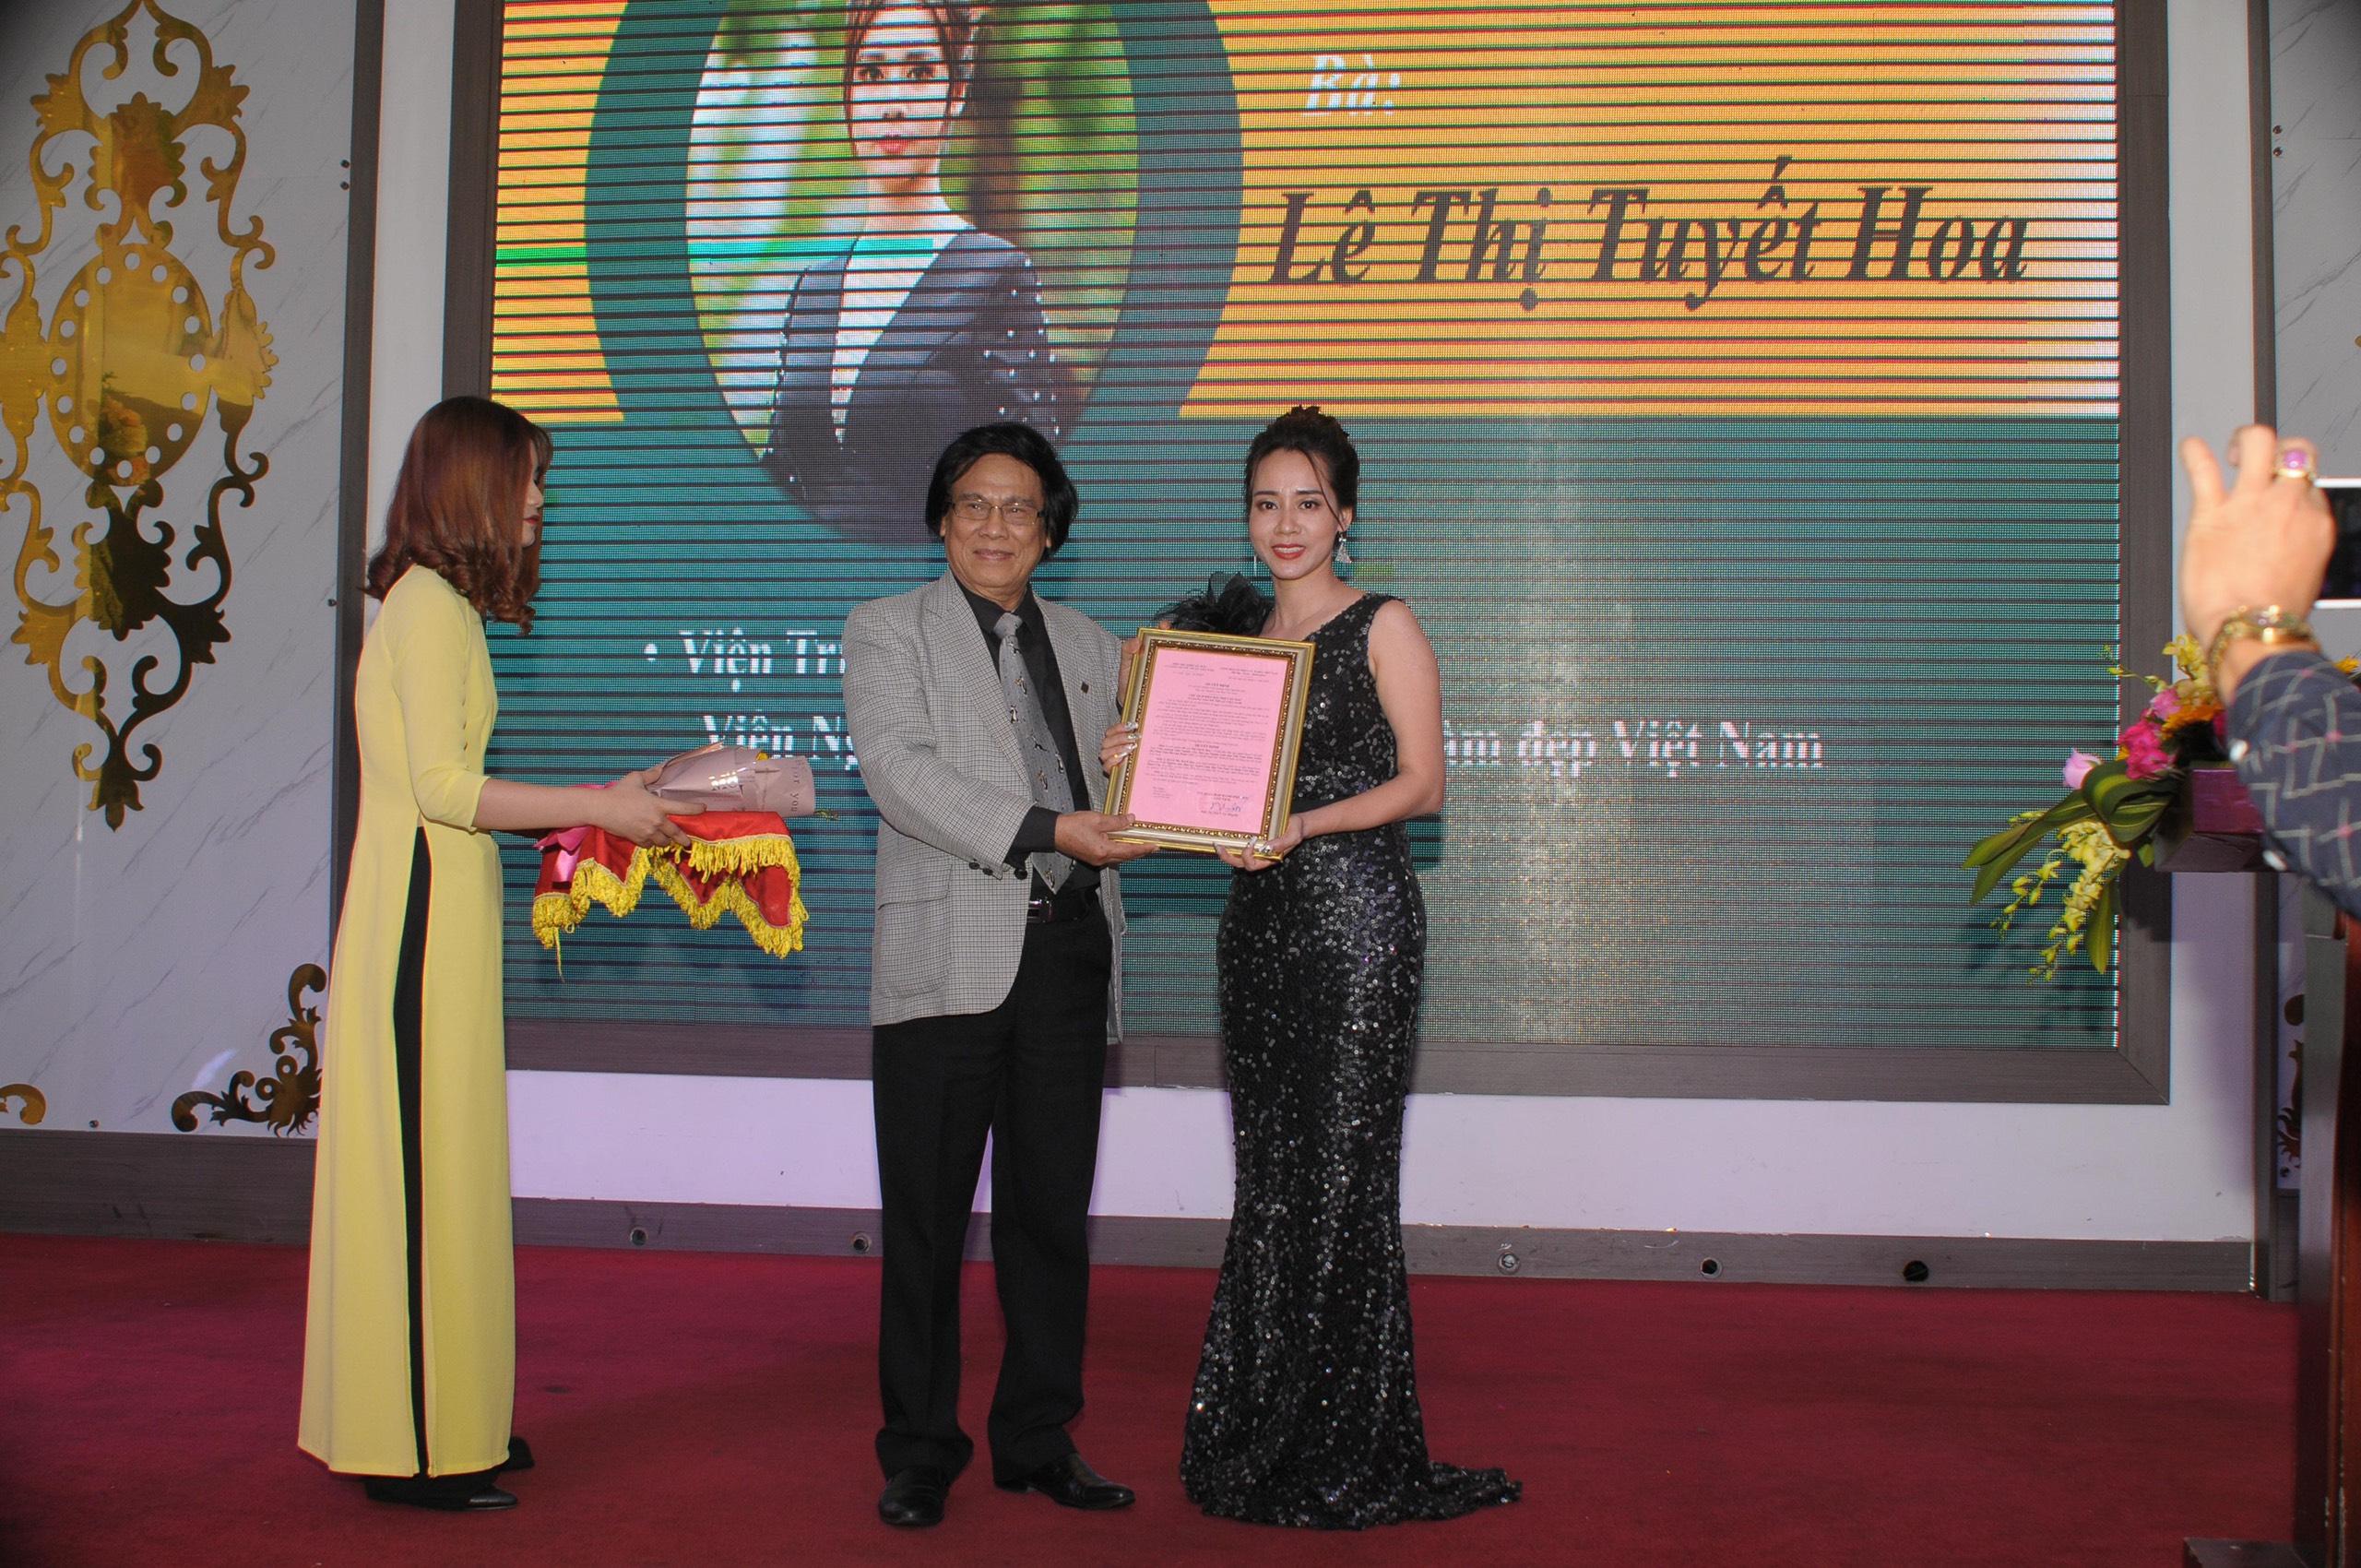 Bà Lê Thị Tuyết Hoa nhận quyết định Bổ nhiệm Viện trưởng Viện Nghien cứu, Đào tạo Ngành làm Đẹp Việt Nam